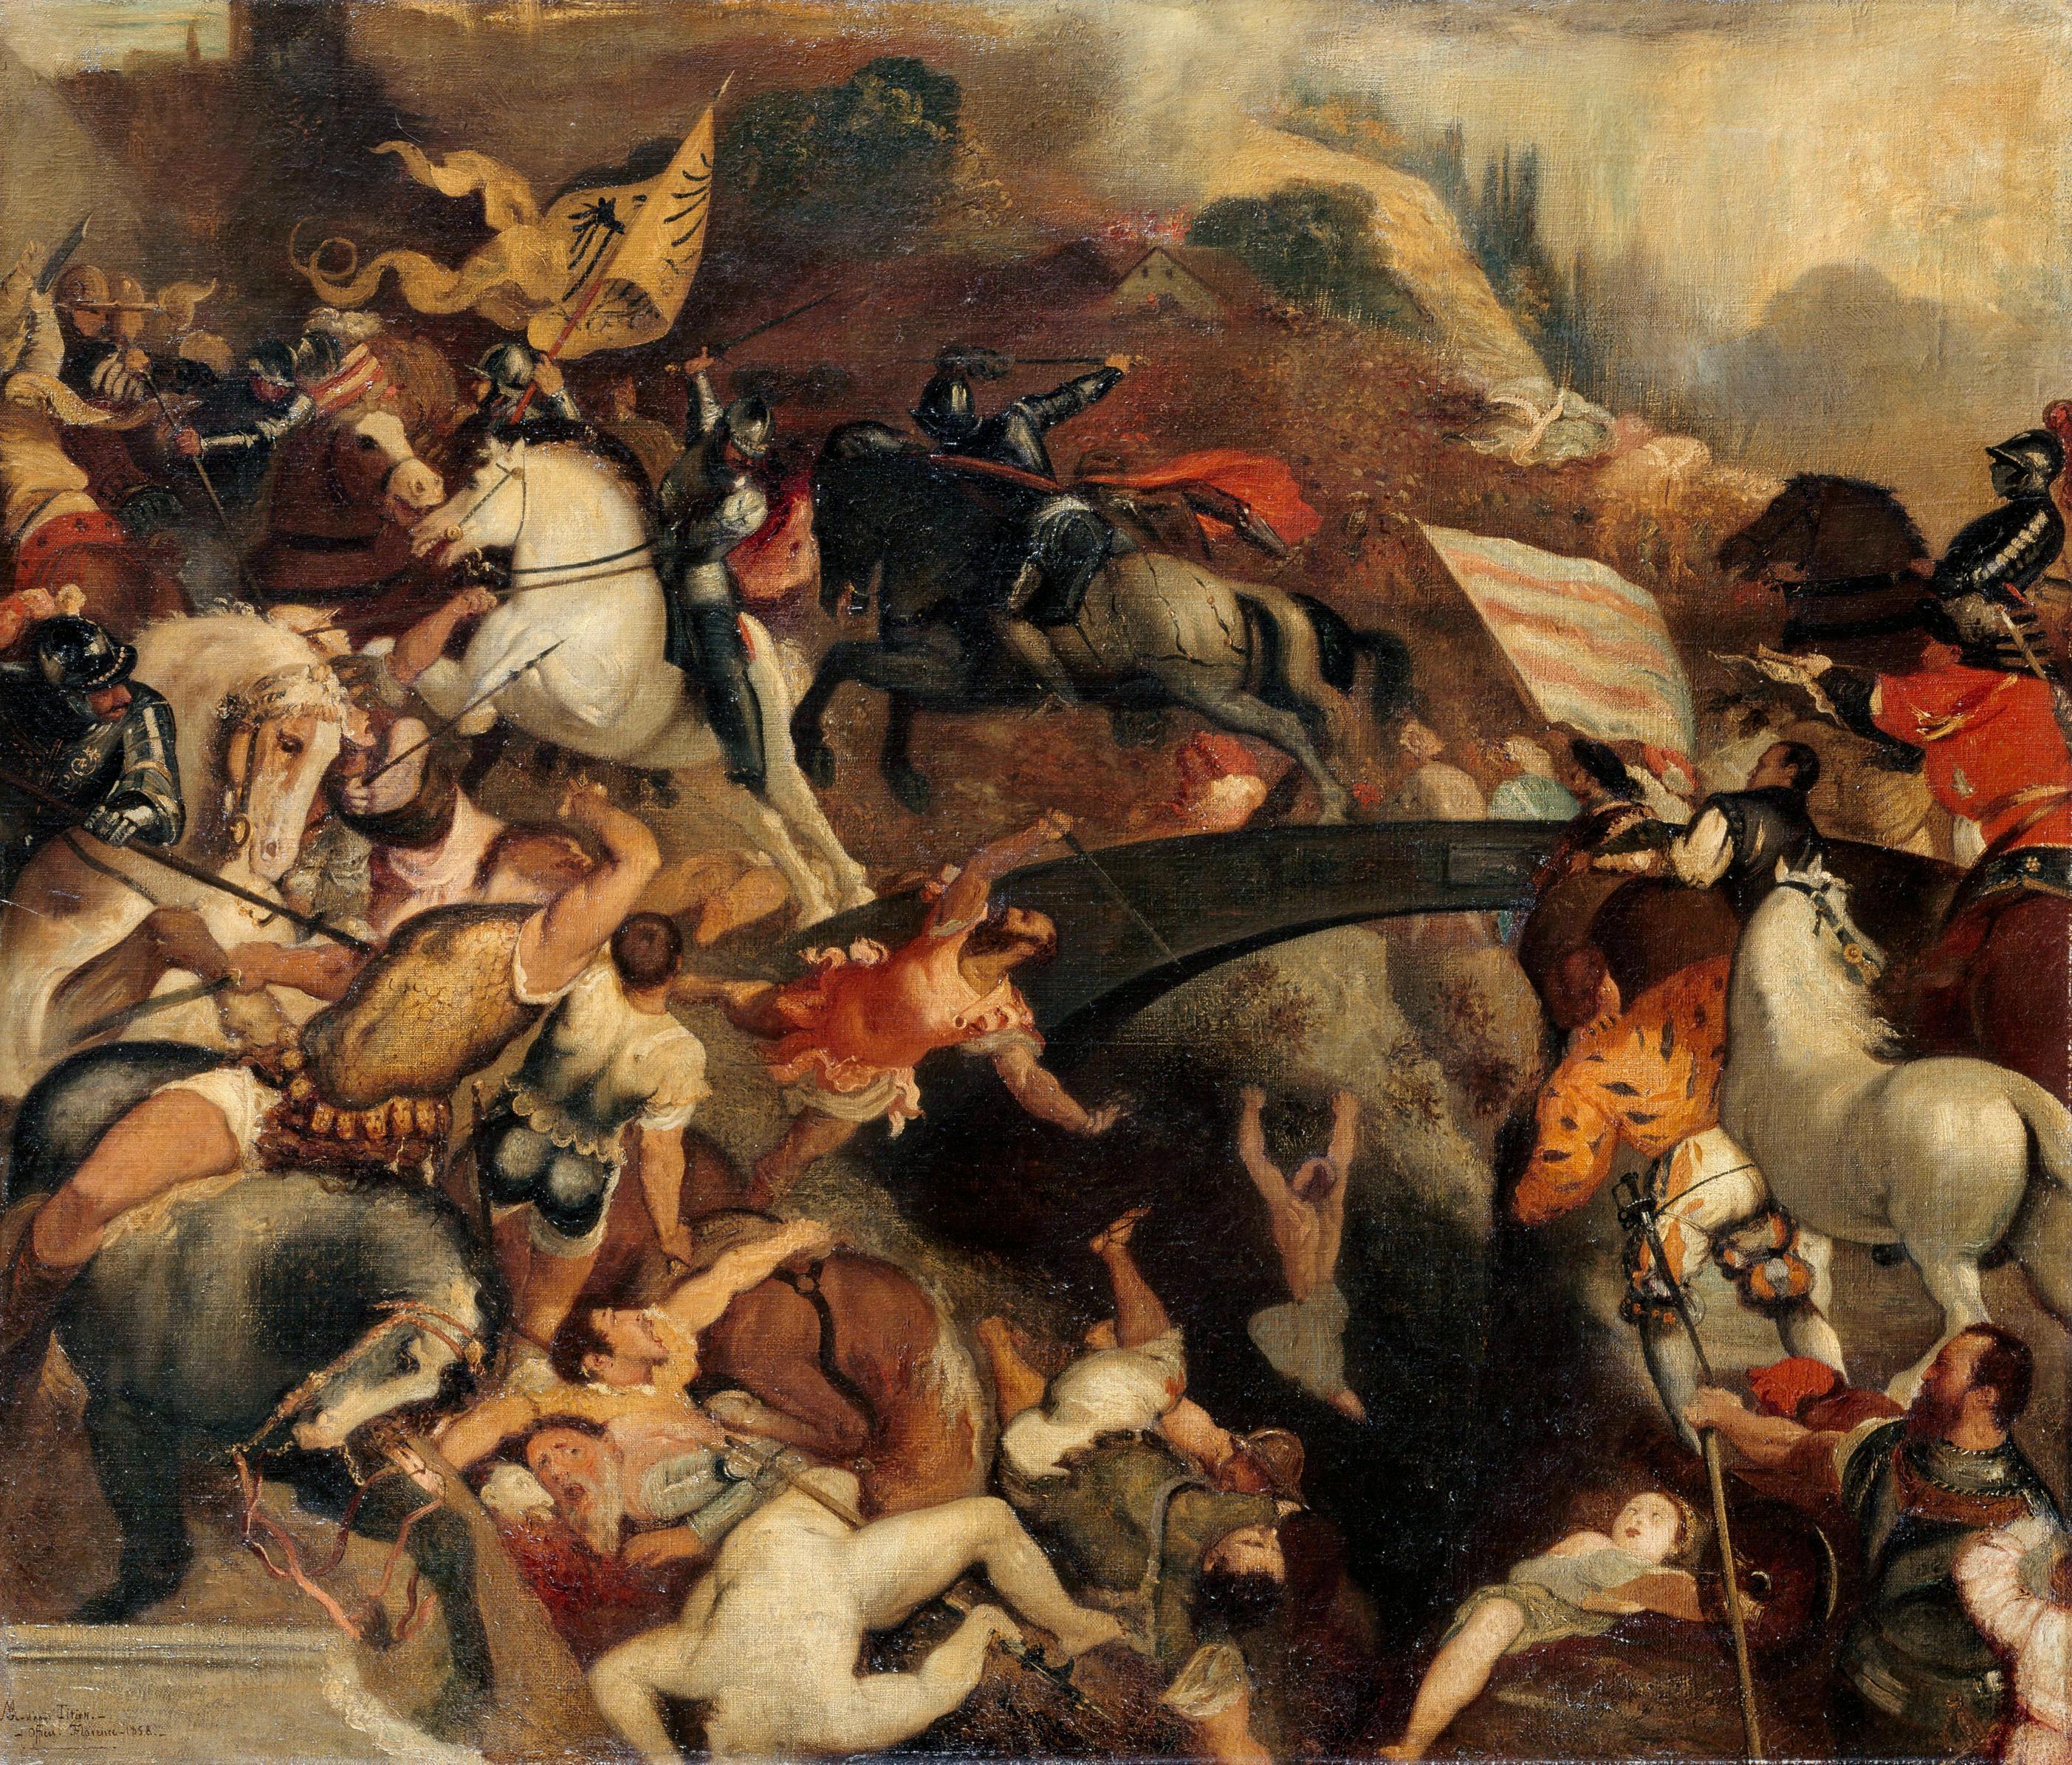 Копия картины Тициана